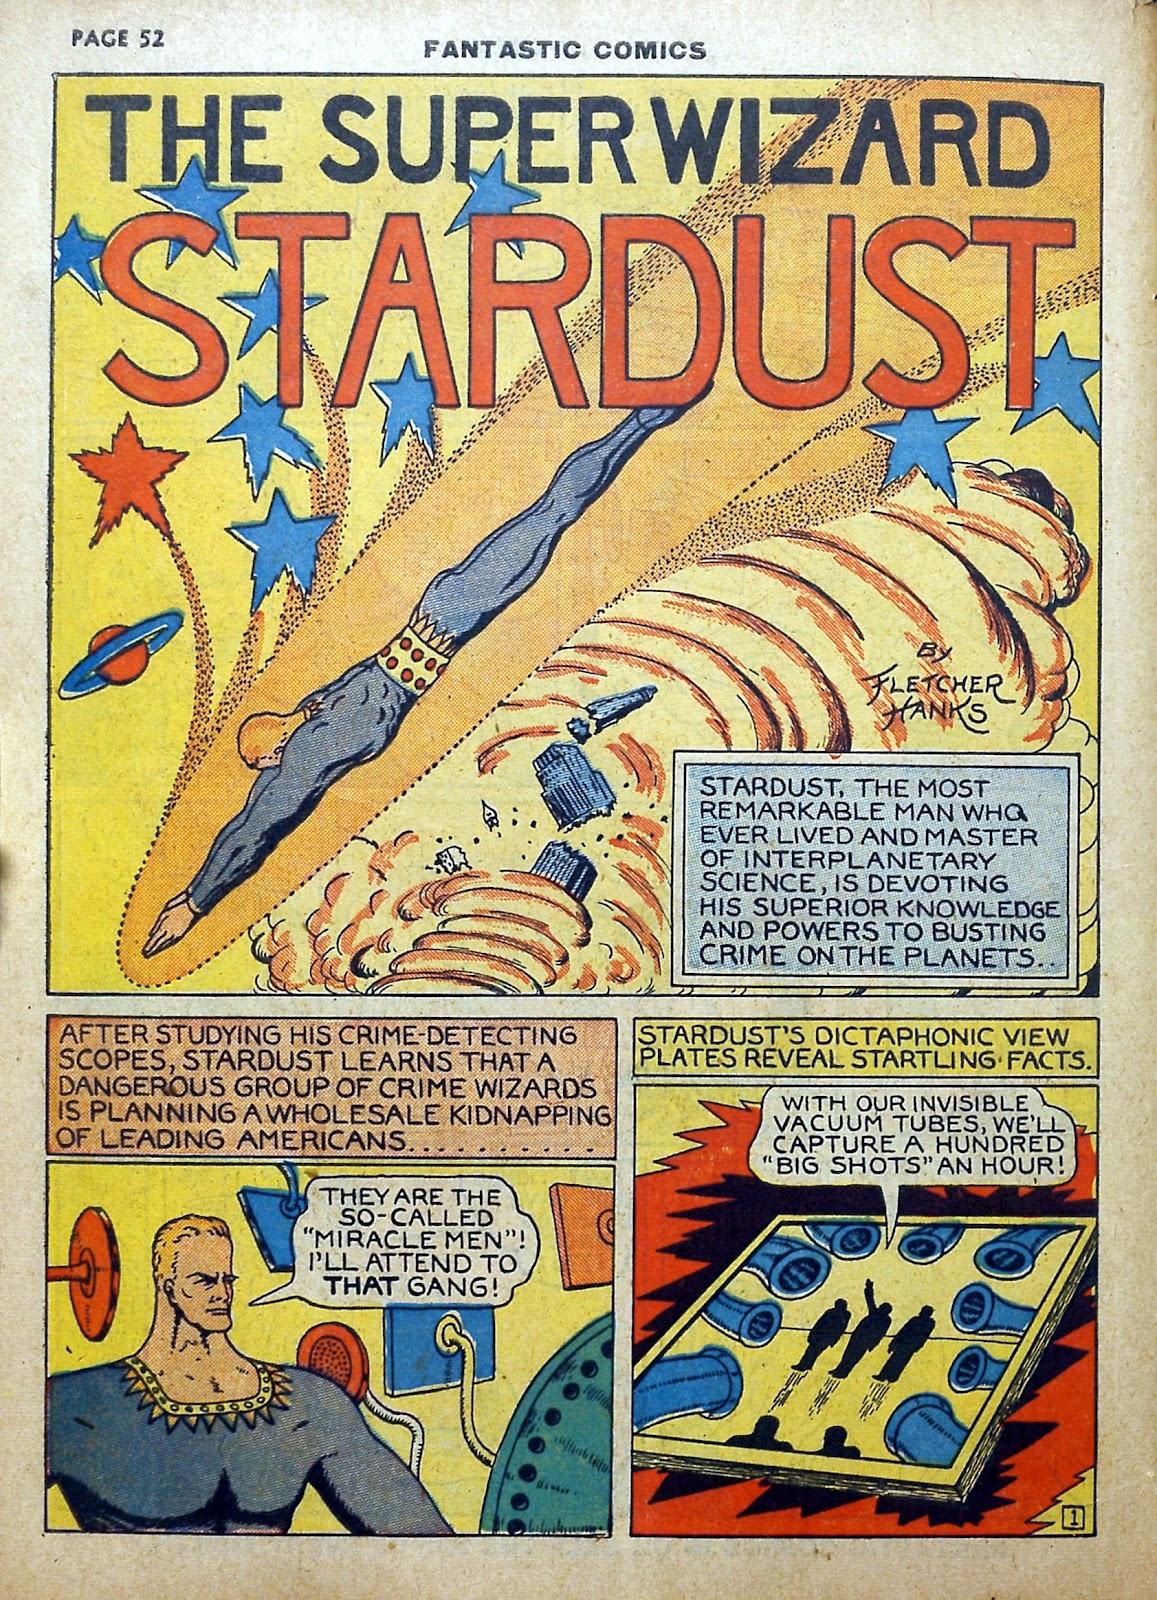 Read online Fantastic Comics comic -  Issue #5 - 53